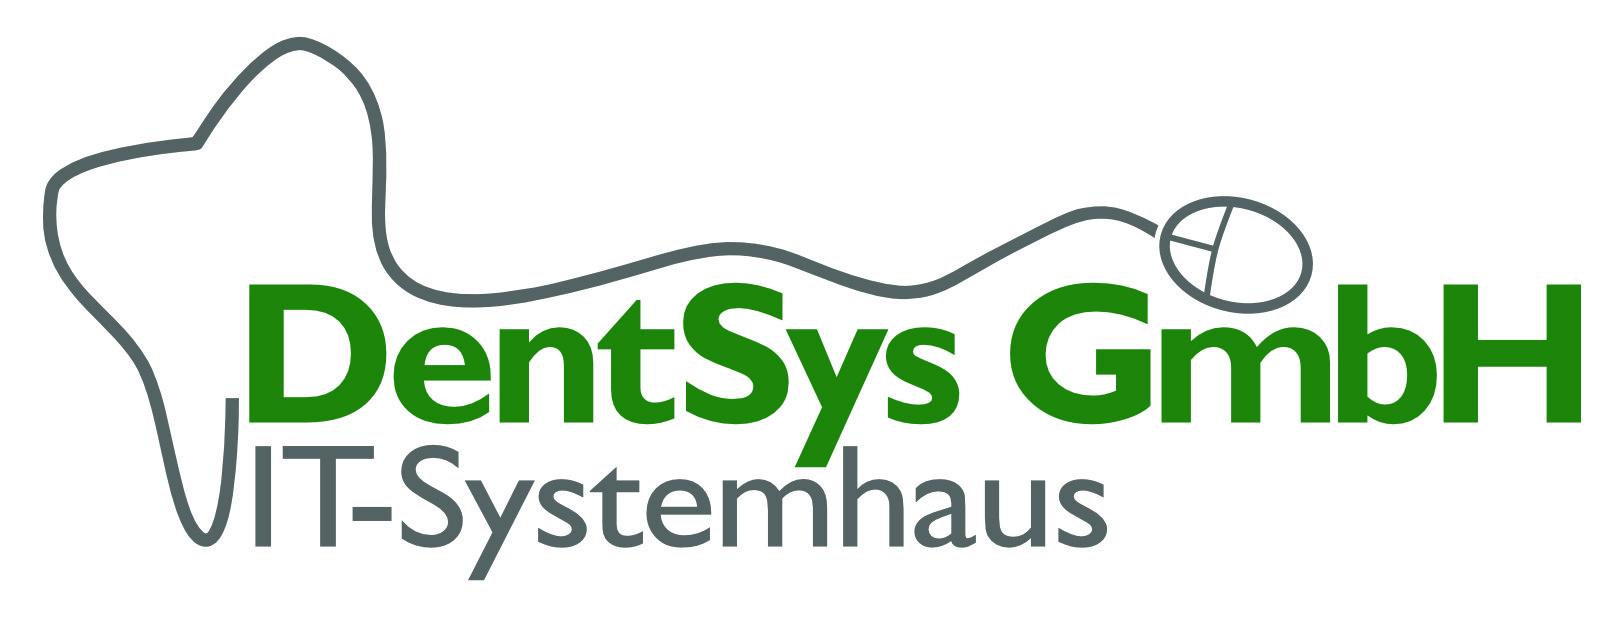 DentSys GmbH